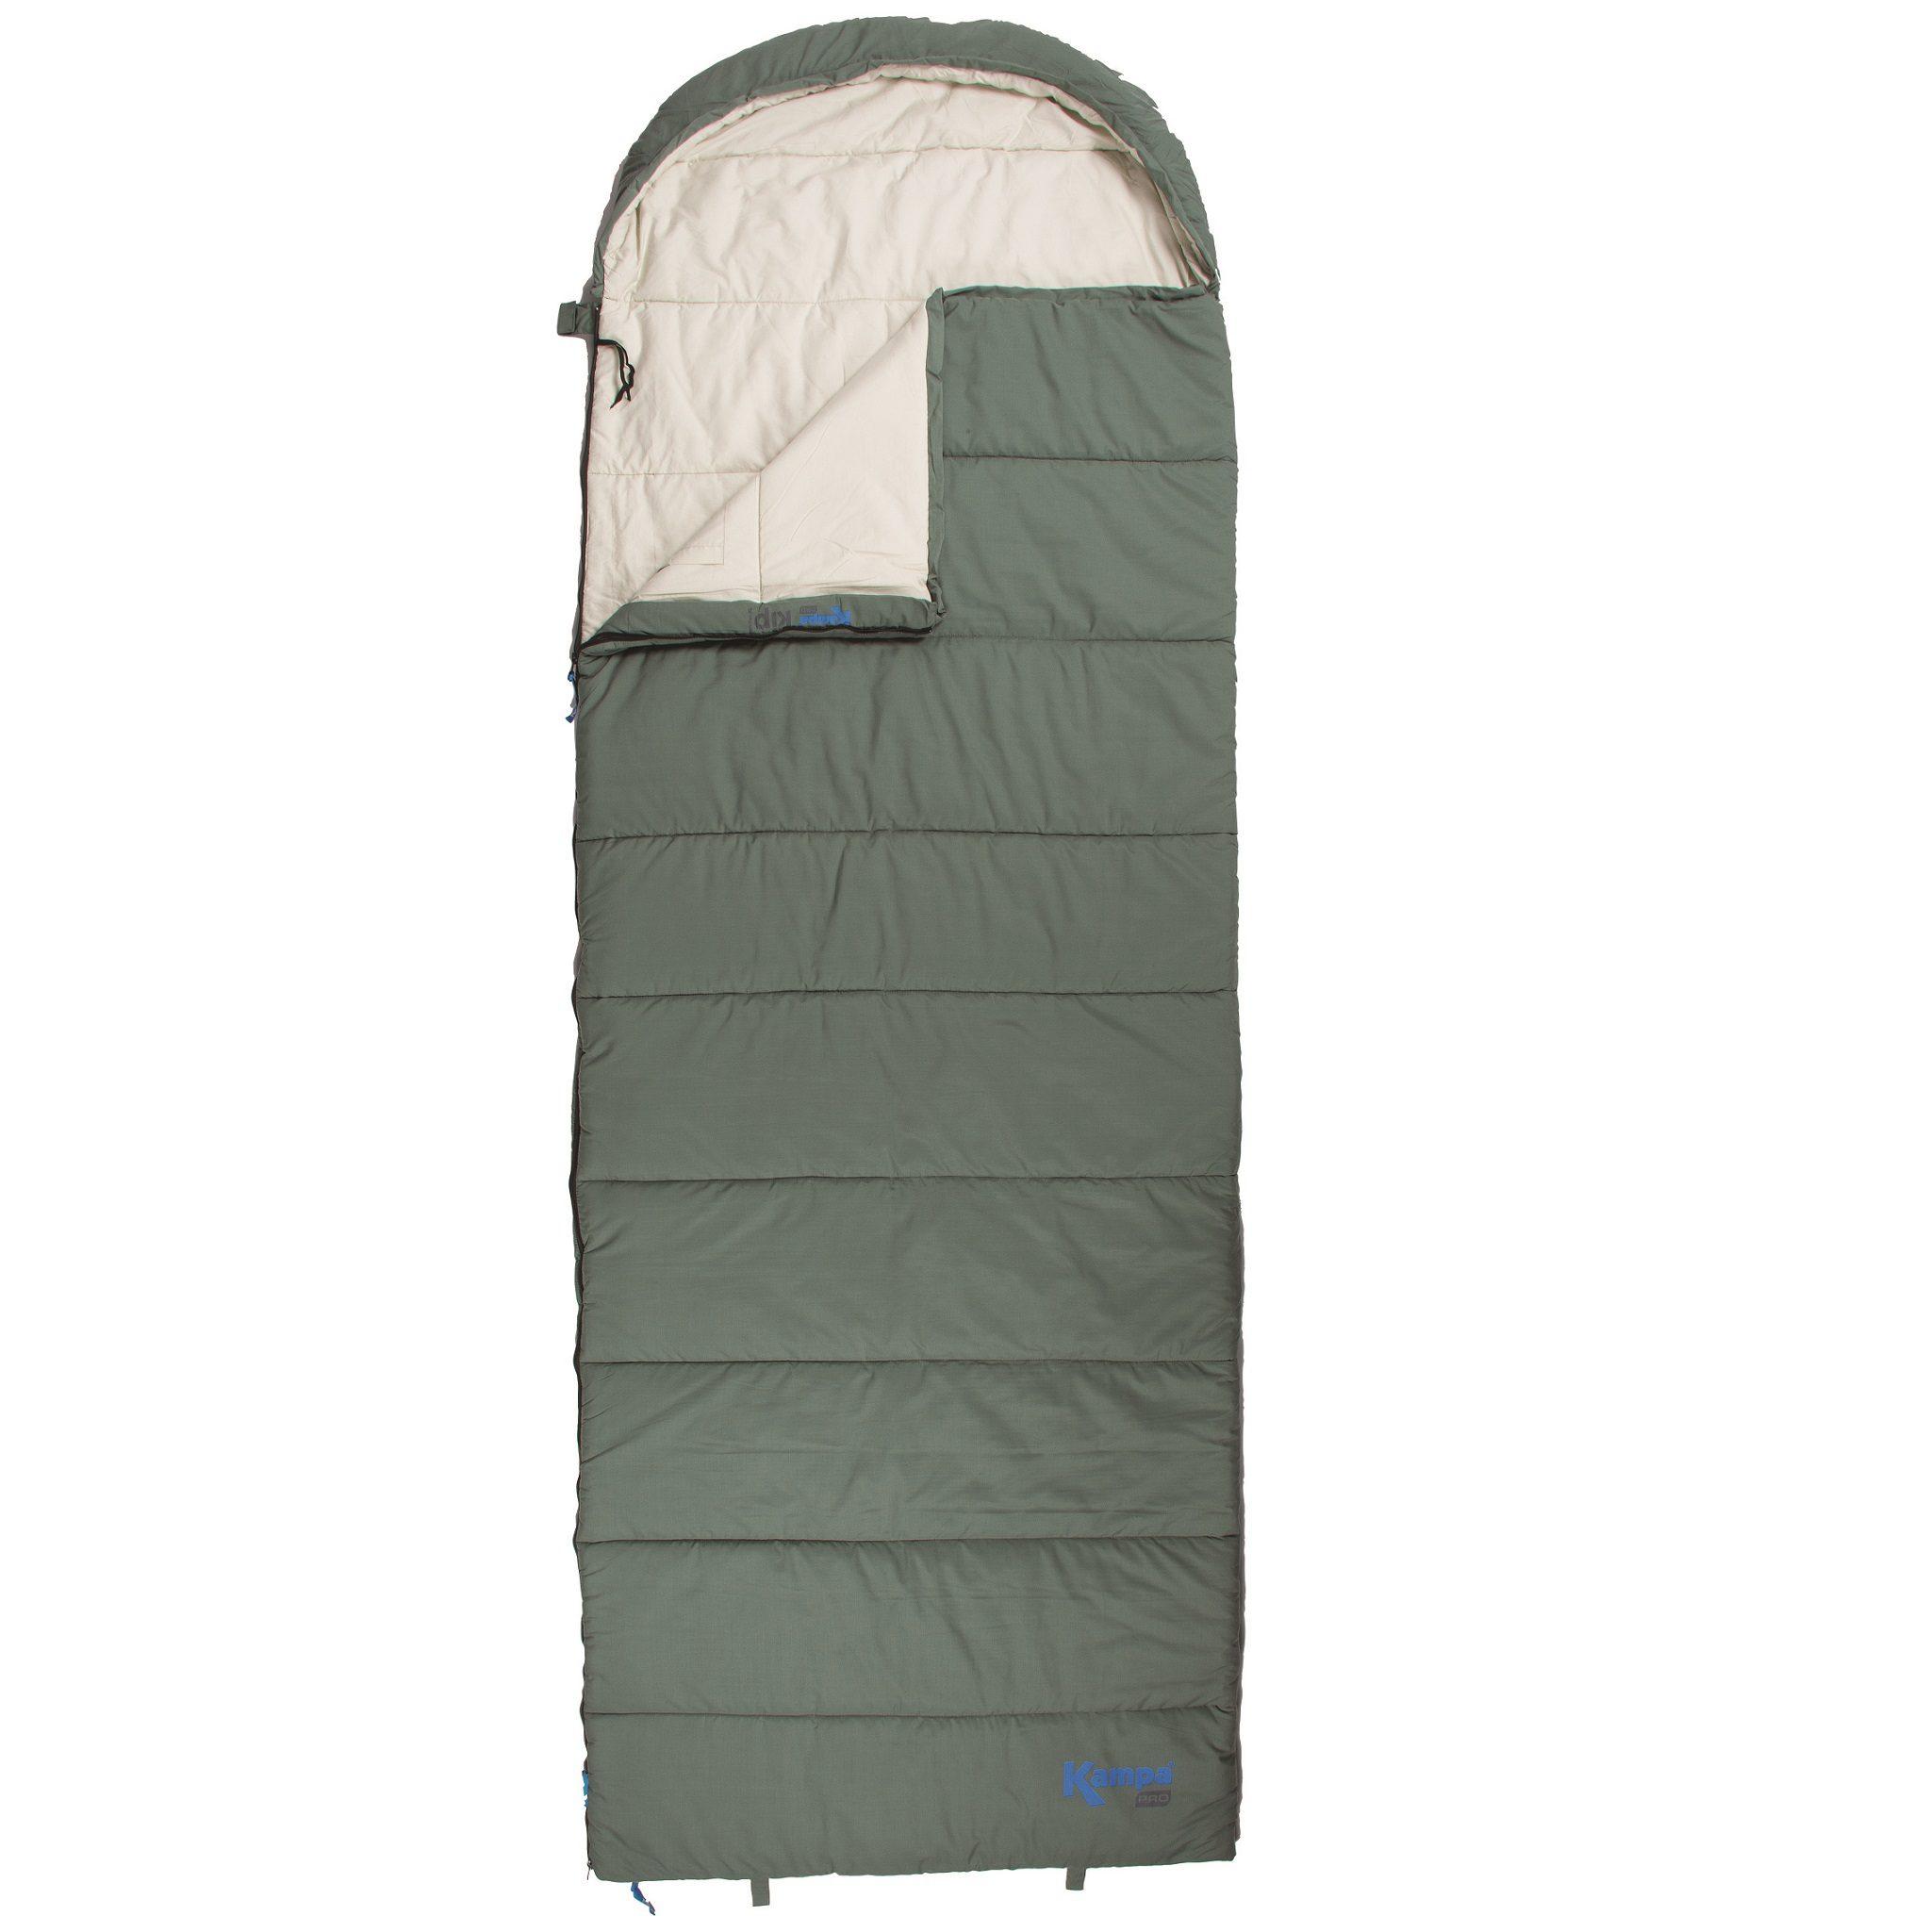 Kampa Kip Meridian XL Sleeping Bag 2016 - SB0019